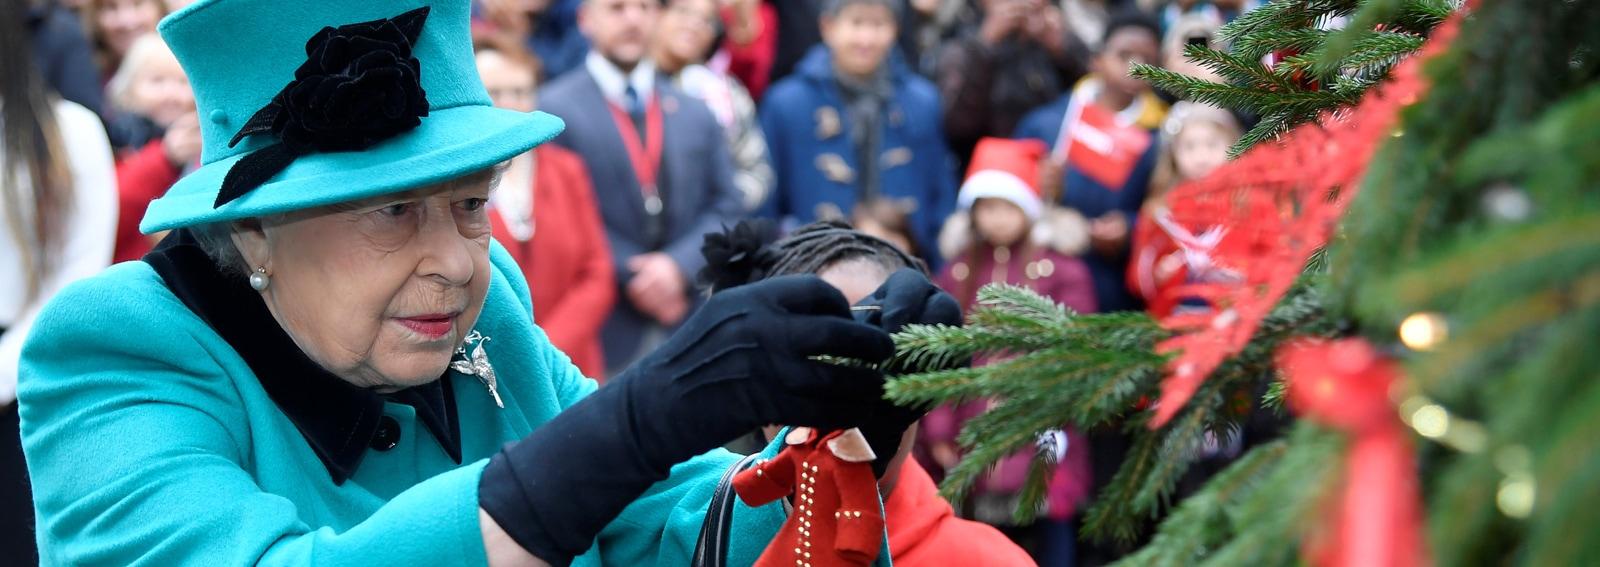 visore-tradizioni-natalizie-royal-familyDESK